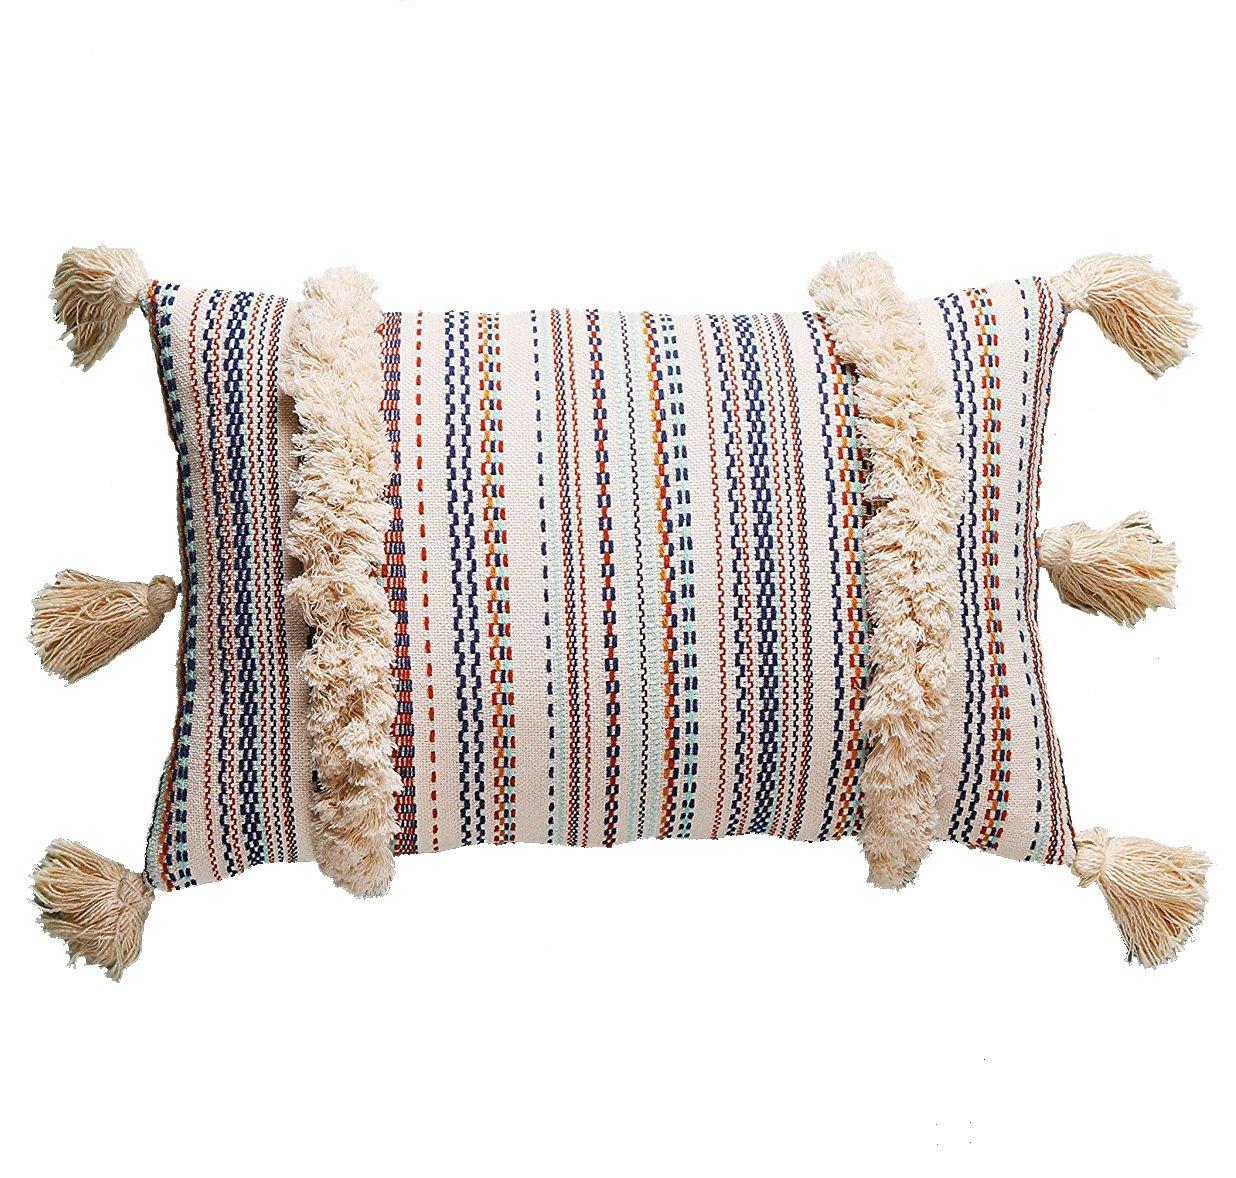 Flber Lumbar Throw Pillow Decorative Pillows Tassel Textured Woven Sham,12''X20'' by Flber